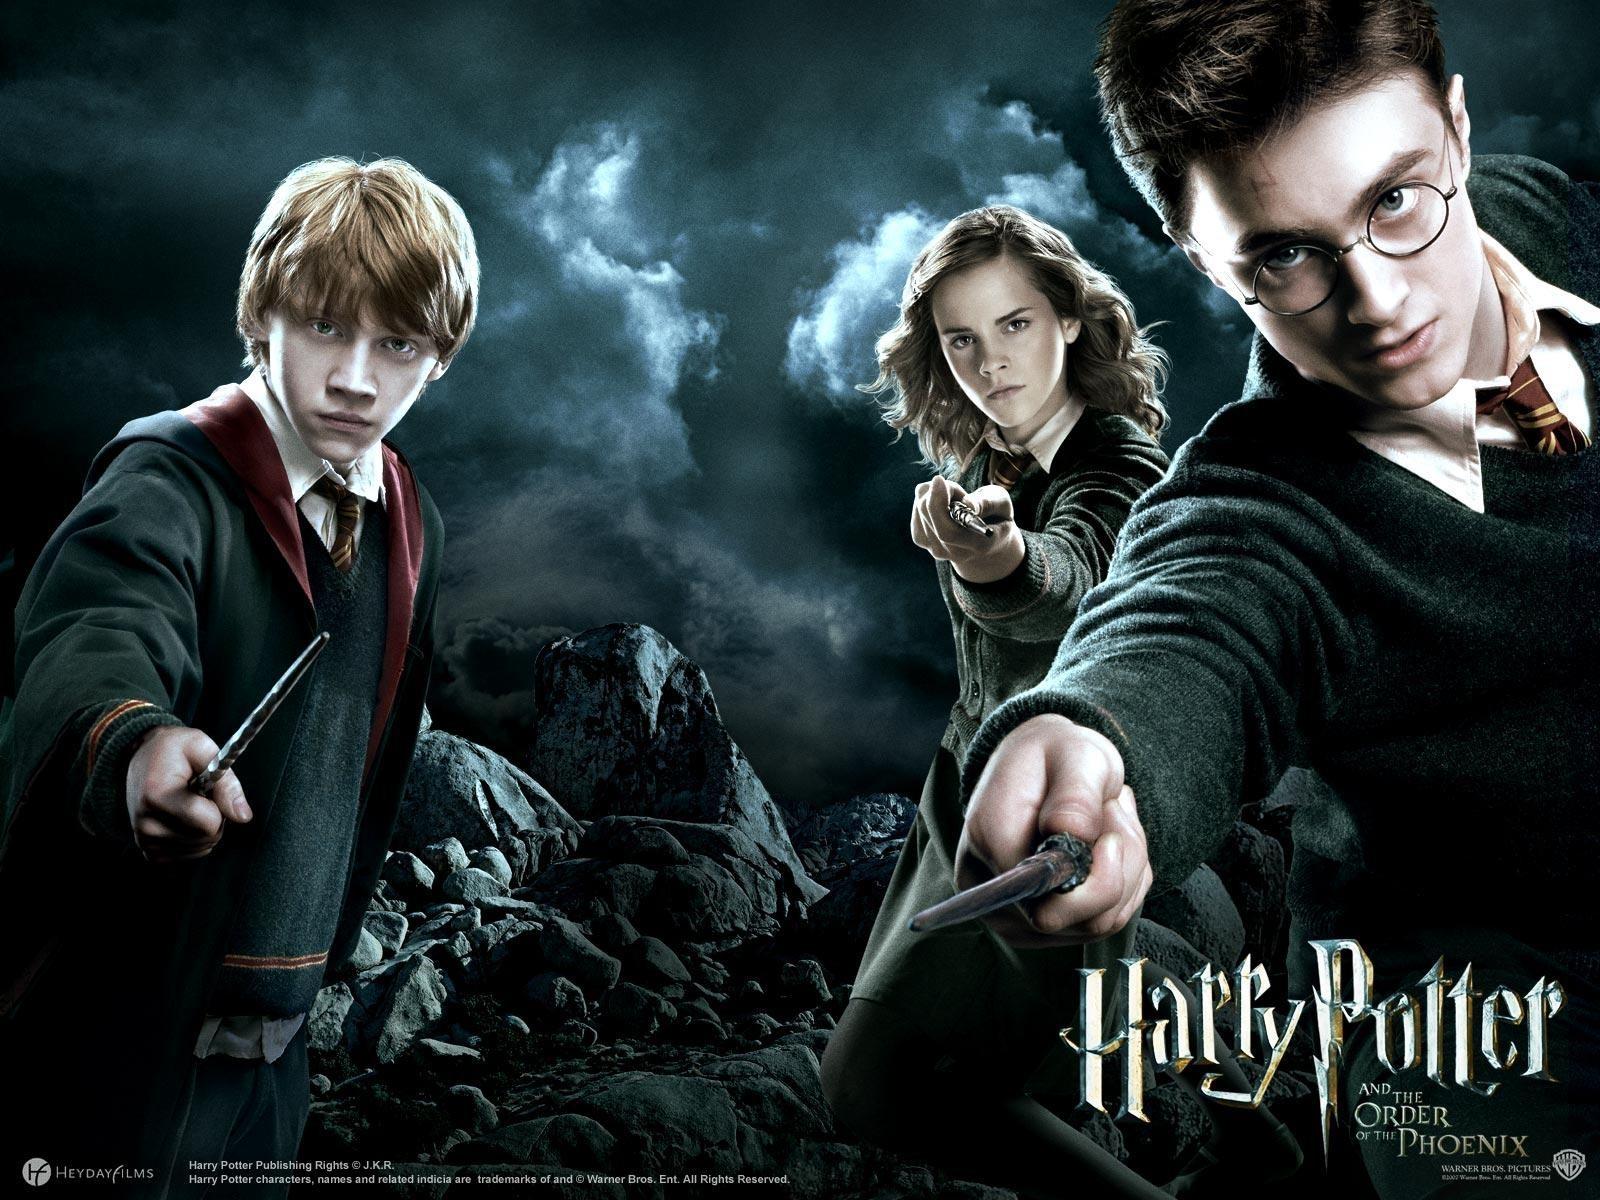 http://1.bp.blogspot.com/-sagp7CJnxr0/Tlp-OAAeH5I/AAAAAAAABBA/-opgY1hQHM0/s1600/Harry%20Potter%20Wallpaper.jpg